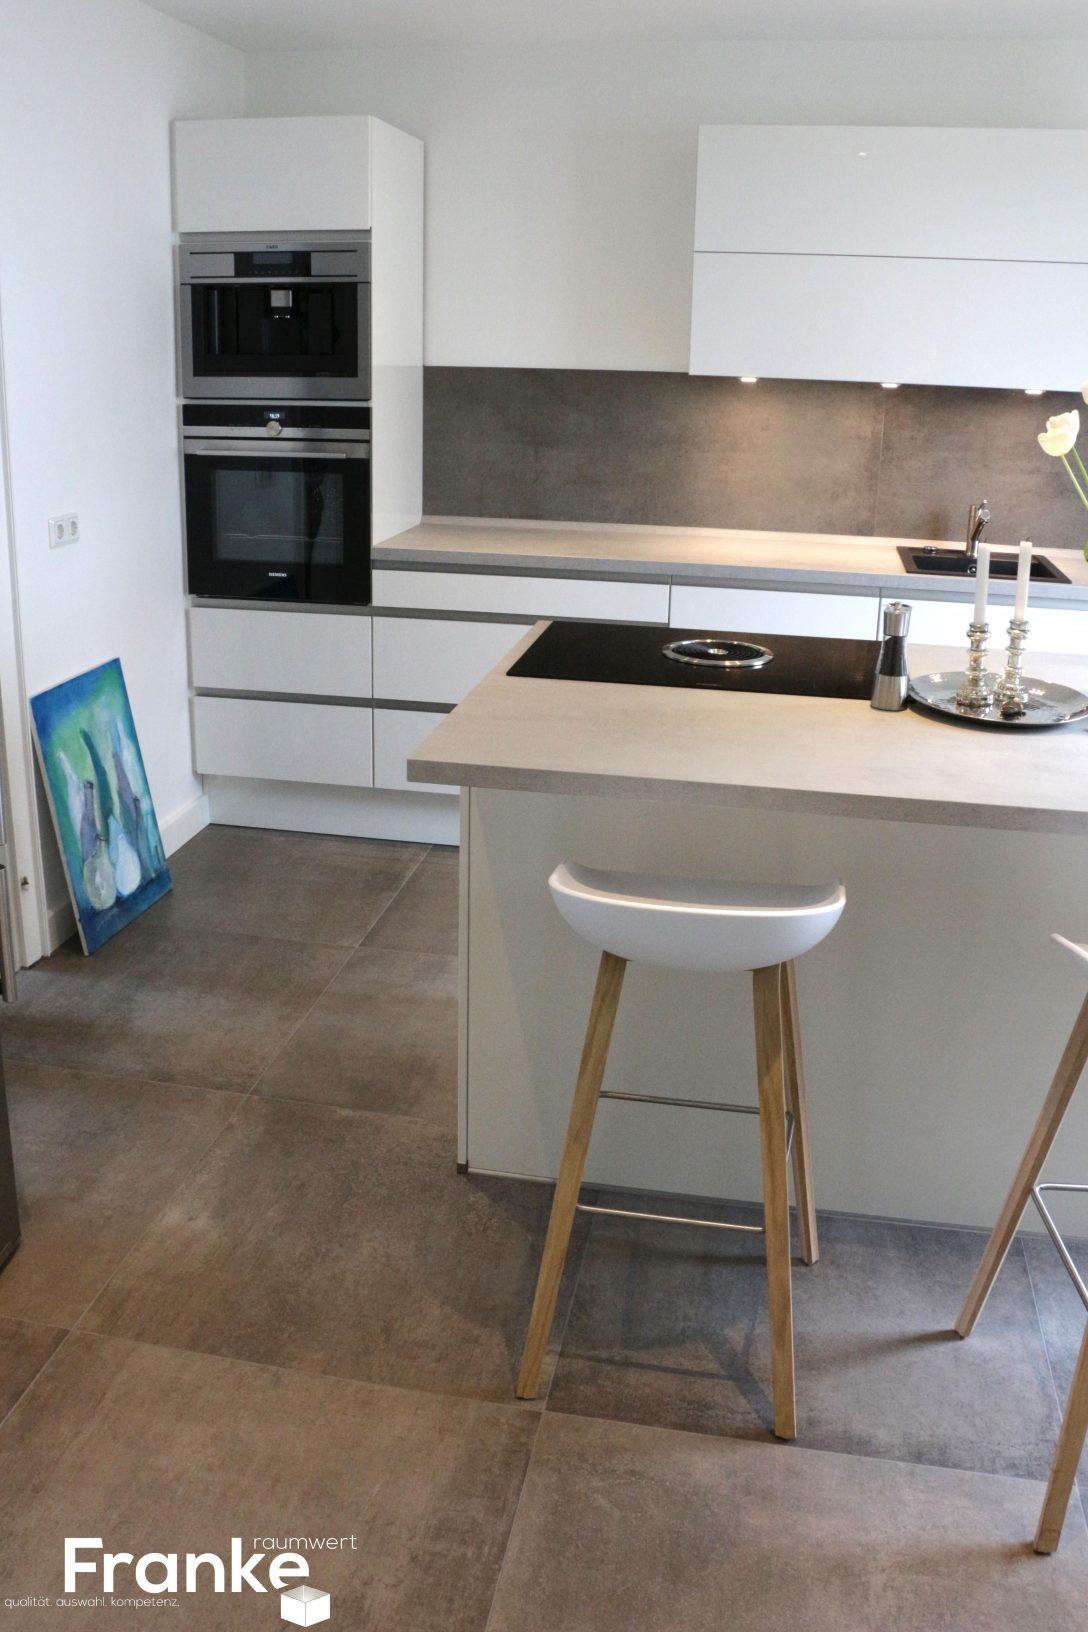 Full Size of Nobilia Eckschrank Fliesenspiegel Kche Modern Ikea Folie Fliesen Hochglanz Grau Küche Bad Schlafzimmer Einbauküche Wohnzimmer Nobilia Eckschrank